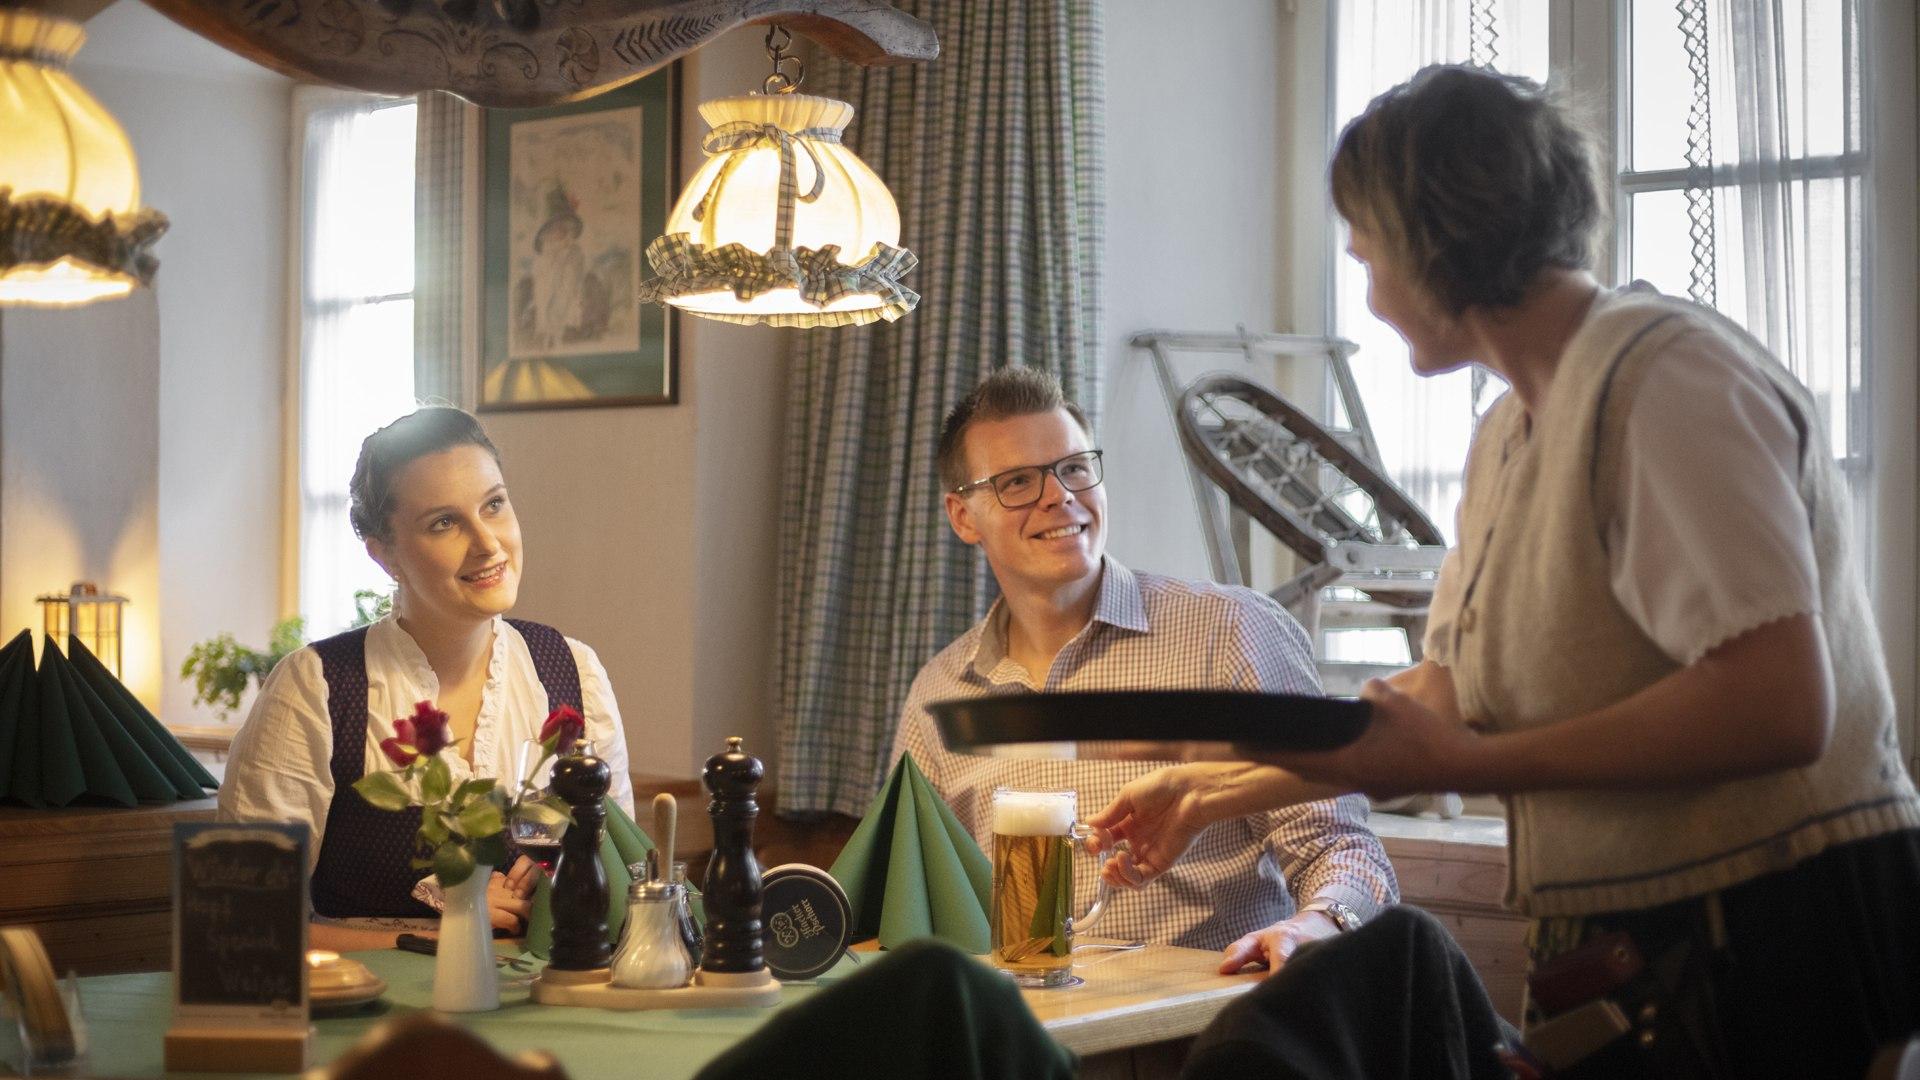 Gastronomie_Miesbach_Essen_Trinken (8)_1920x1280